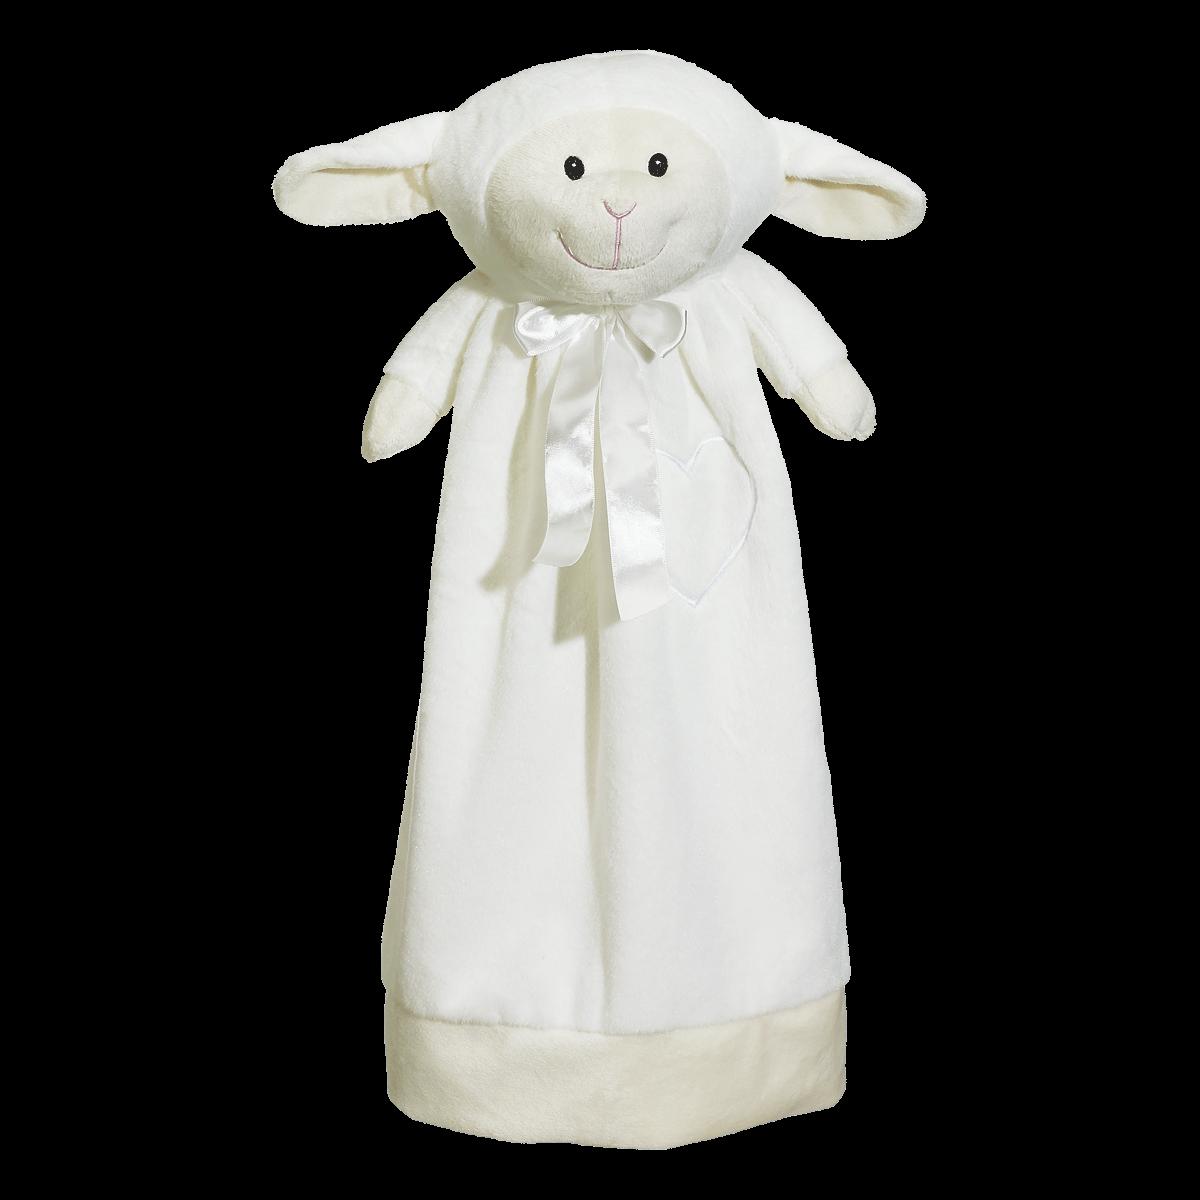 Embroider Buddy® – Blankey Buddy Lambton Lamb